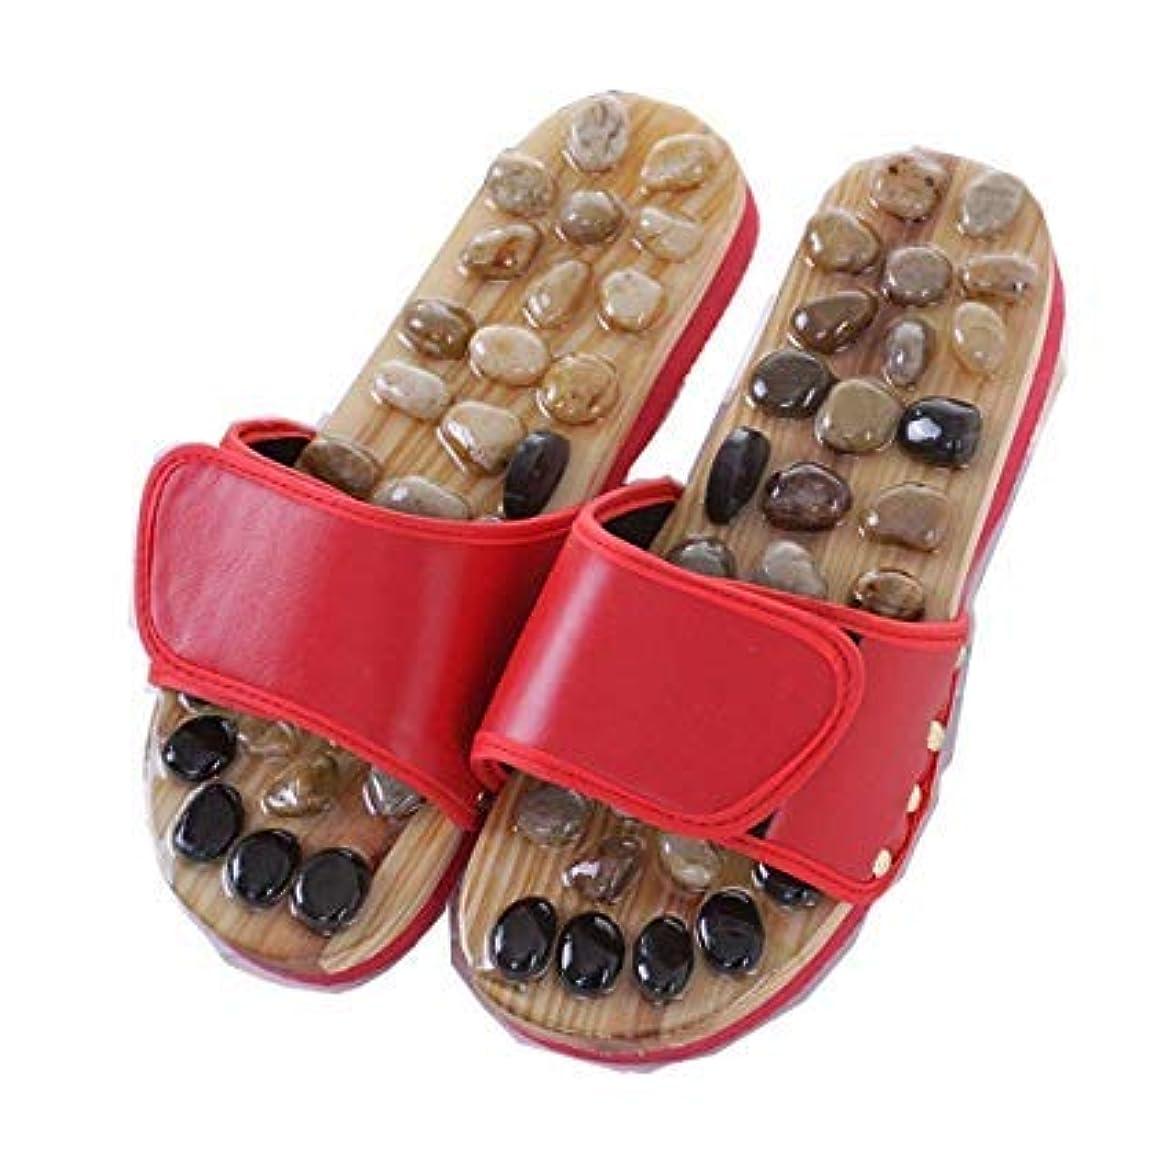 靴騙す実験をする「ヒョウクヌギ」足つぼ マッサージ スリッパ 健康 サンダル レザー天然石 (レッド, M22.5CM~23.5CM)